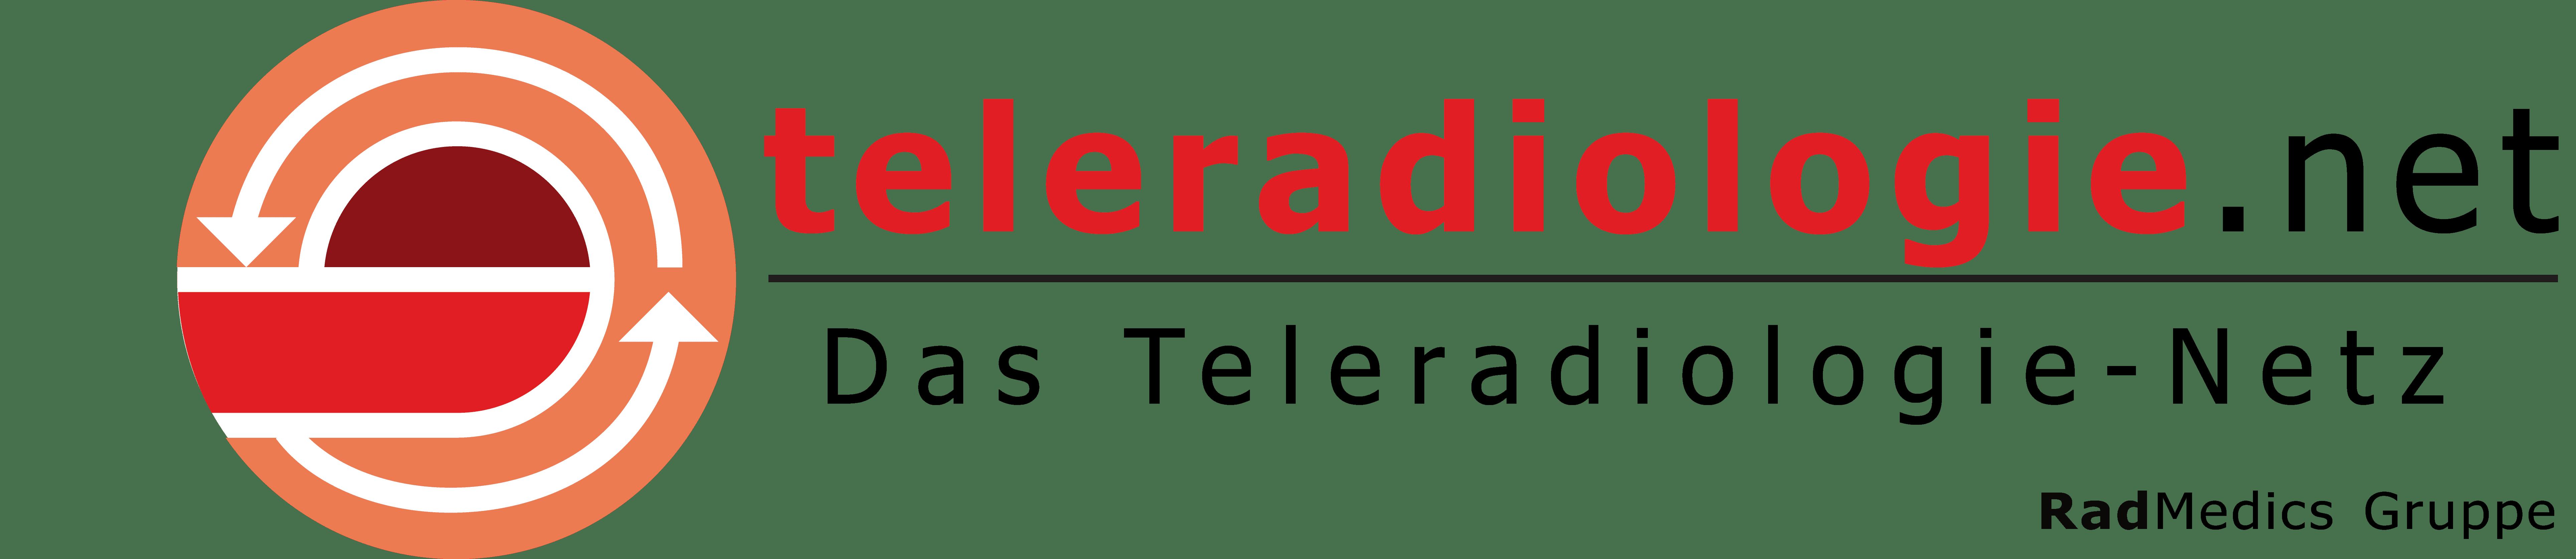 Teleradiologie.net - Teleradiologie Anbieter